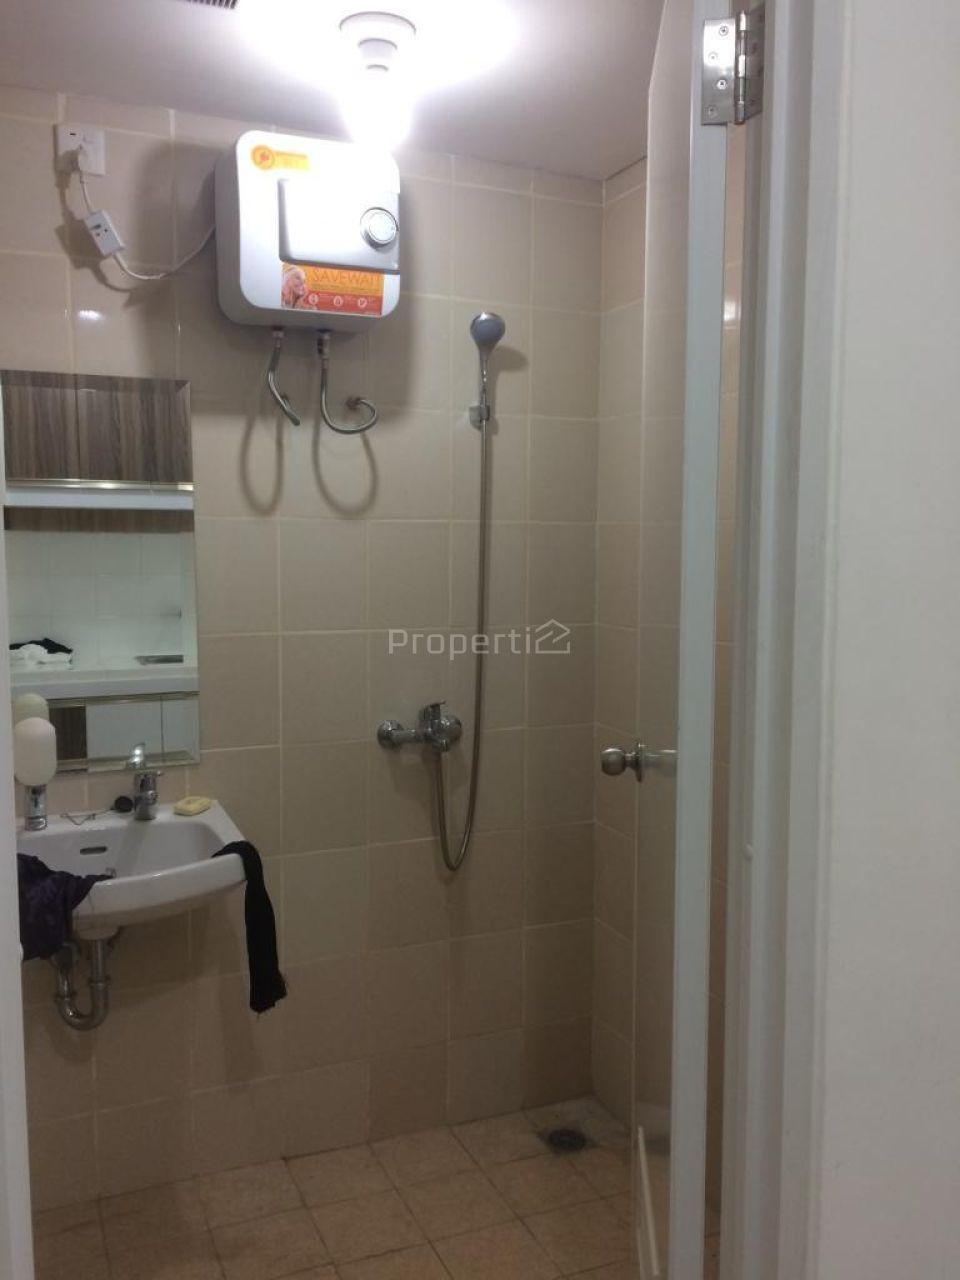 1BR Apartment Unit at Parahyangan Residences, 23th Floor, Cidadap